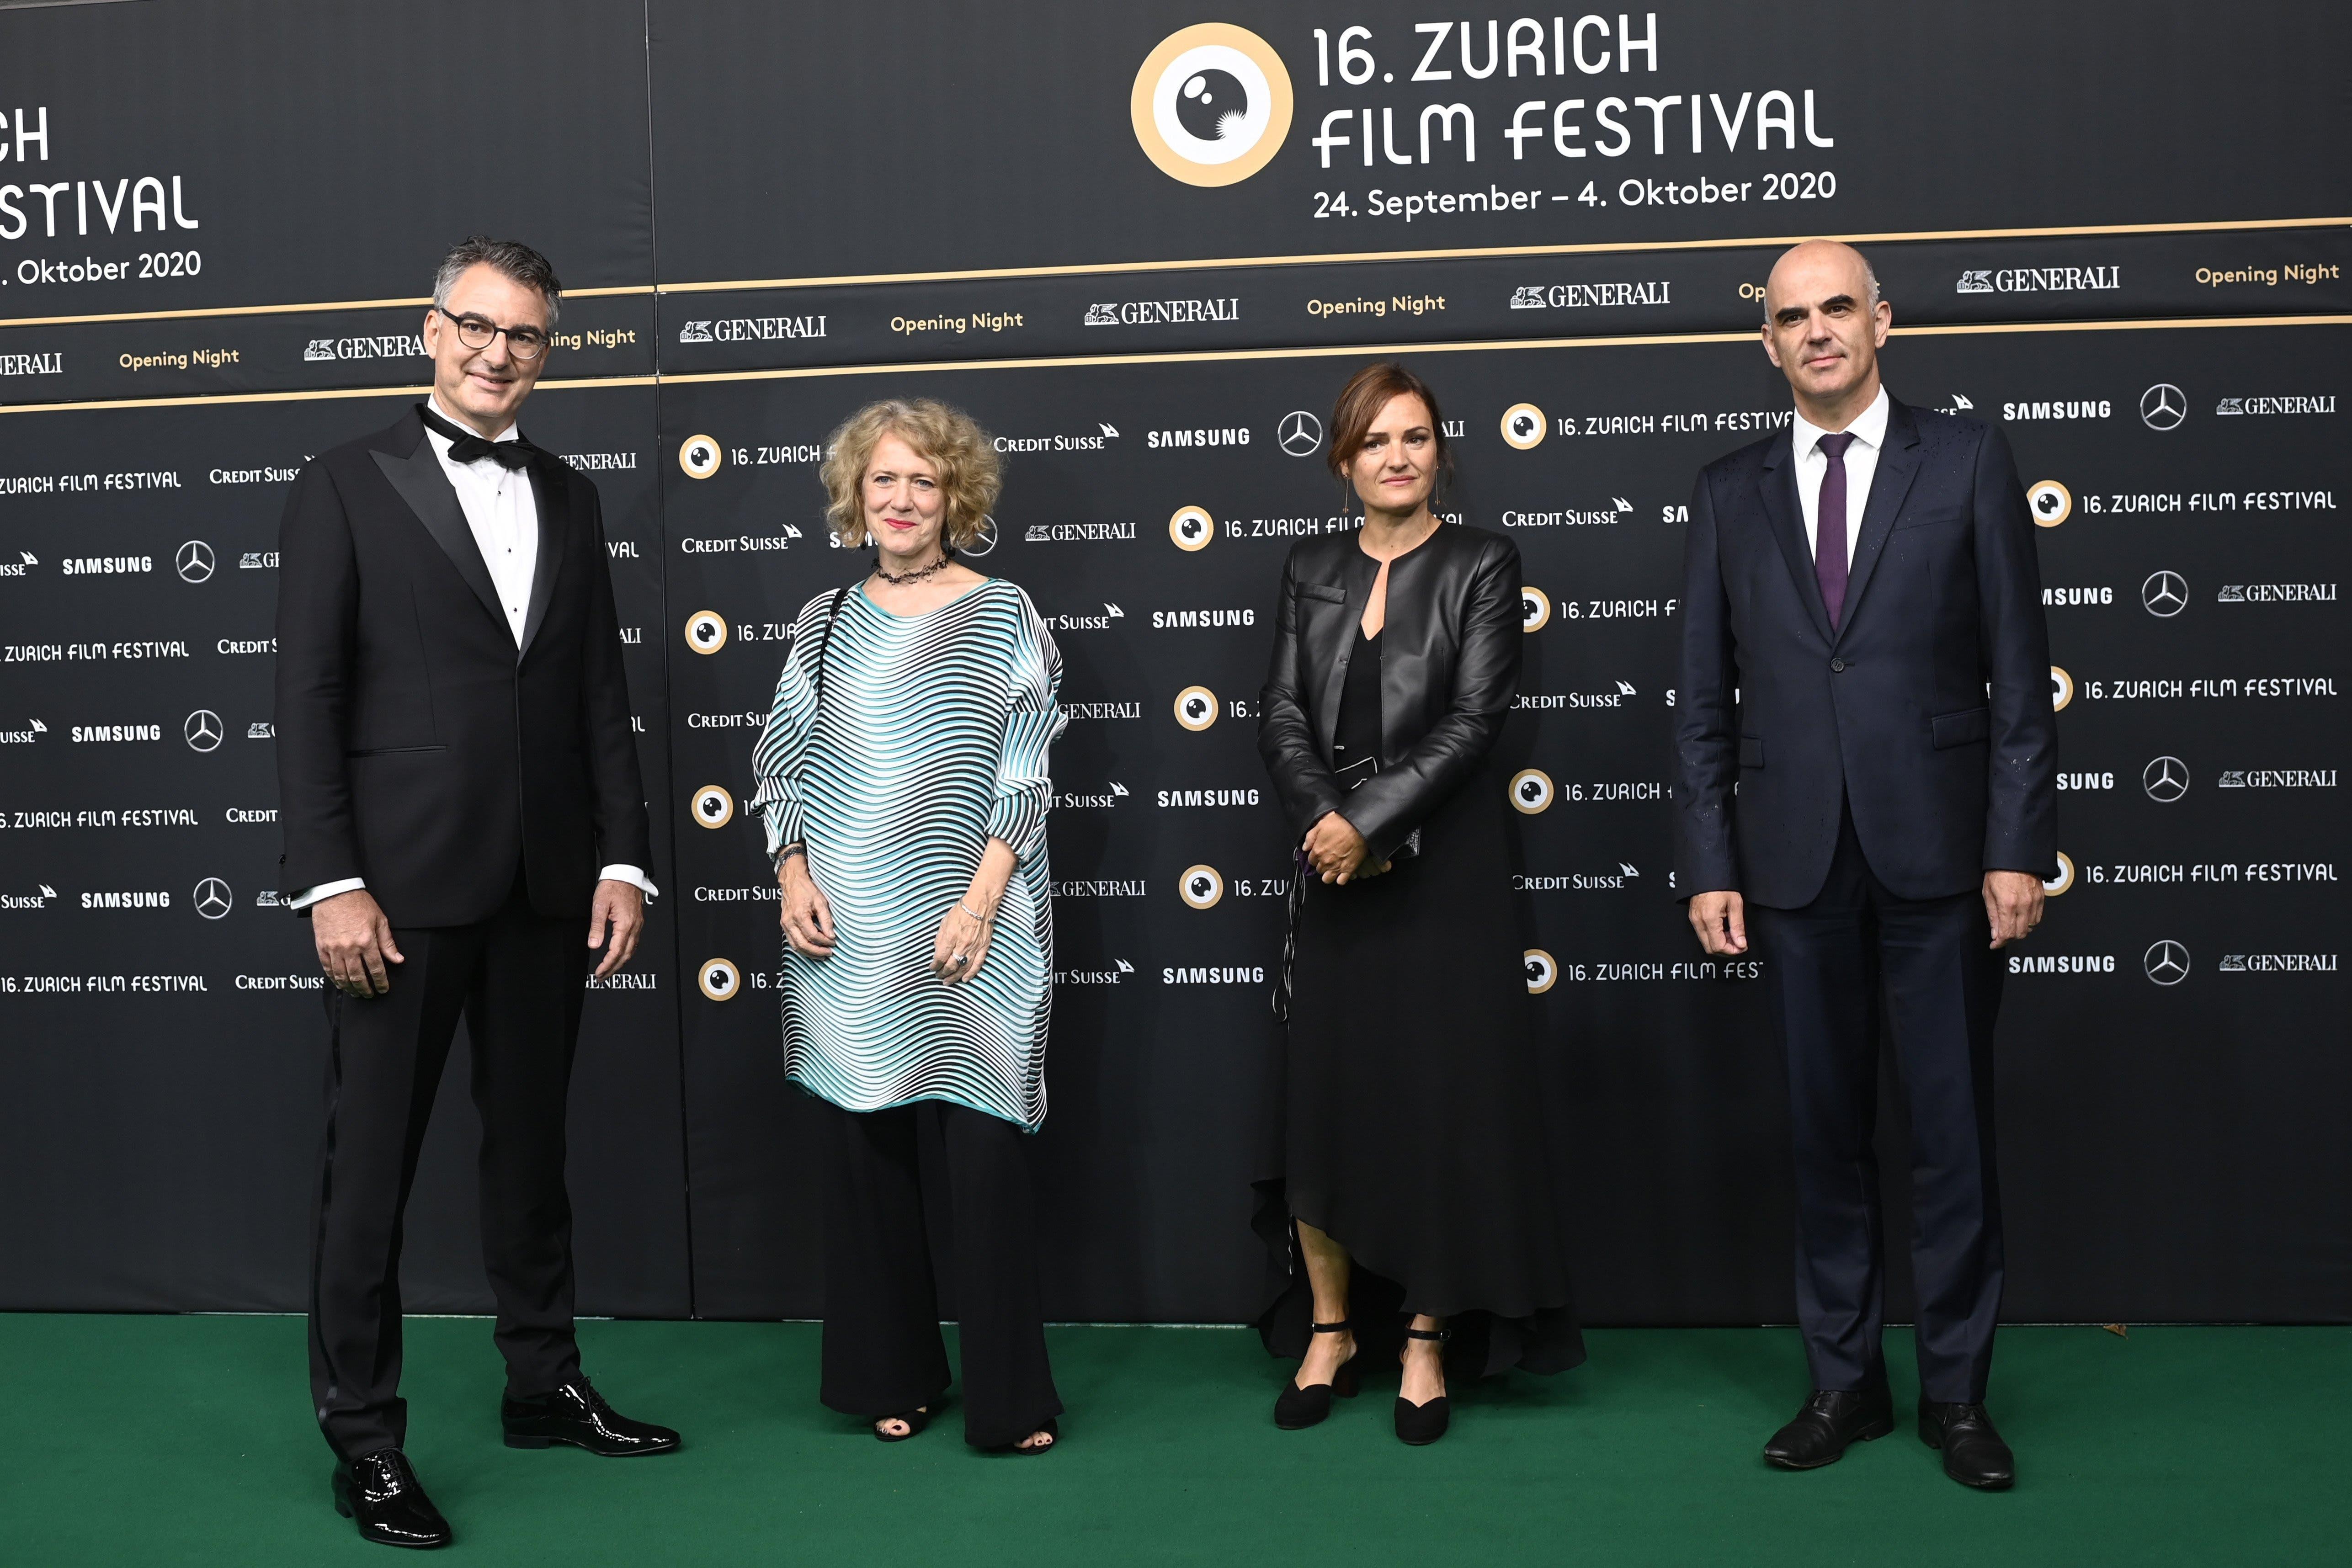 ZFF-Direktor Christian Jungen mit der Zürcher Stadtpräsidentin Corine Mauch, der Schweizer Filmregisseurin Bettina Oberli und mit Bundesrat Alain Berset. (v.l.n.r.)